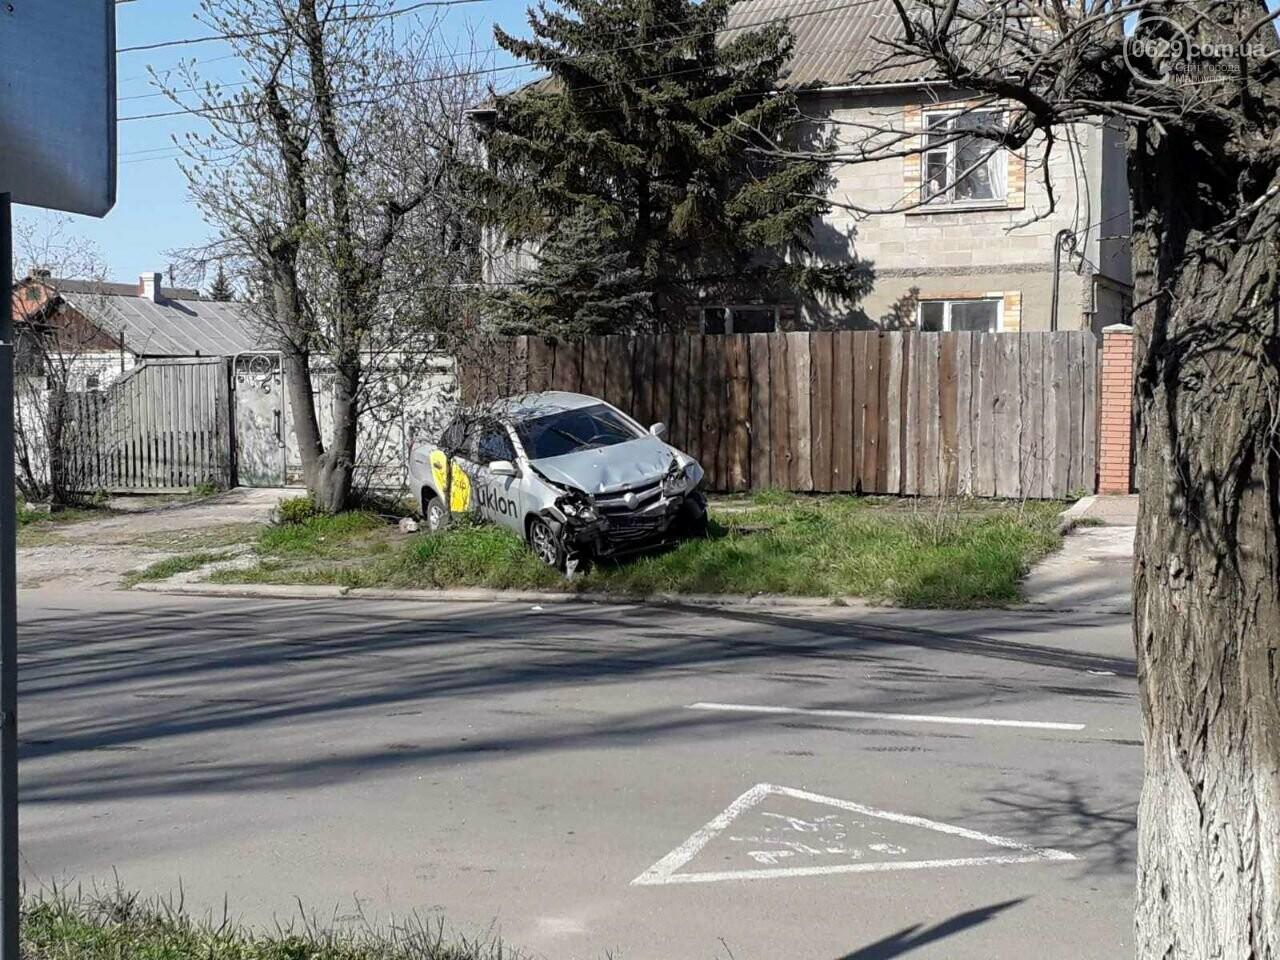 Тройное ДТП с пострадавшими. В Мариуполе столкнулись две легковушки и грузовик,  - ФОТО, фото-1